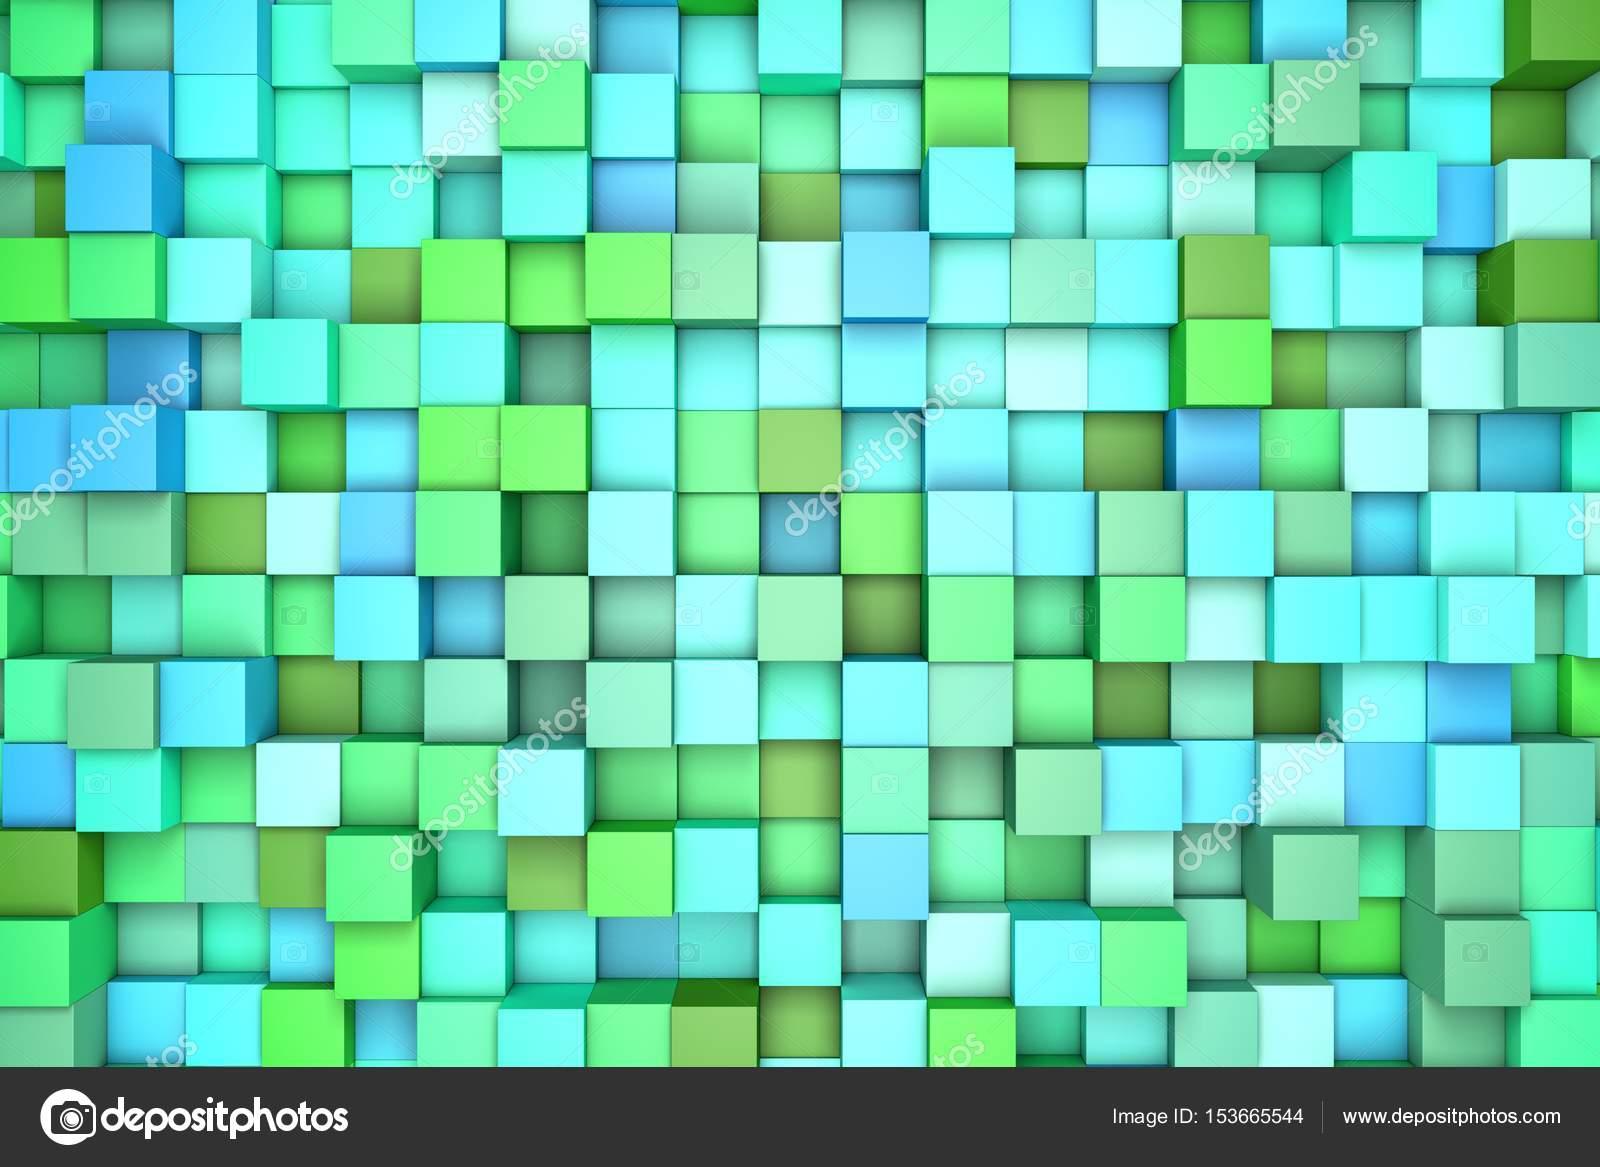 Ilustracin 3D abstracto fondo bloques de color verde color azul